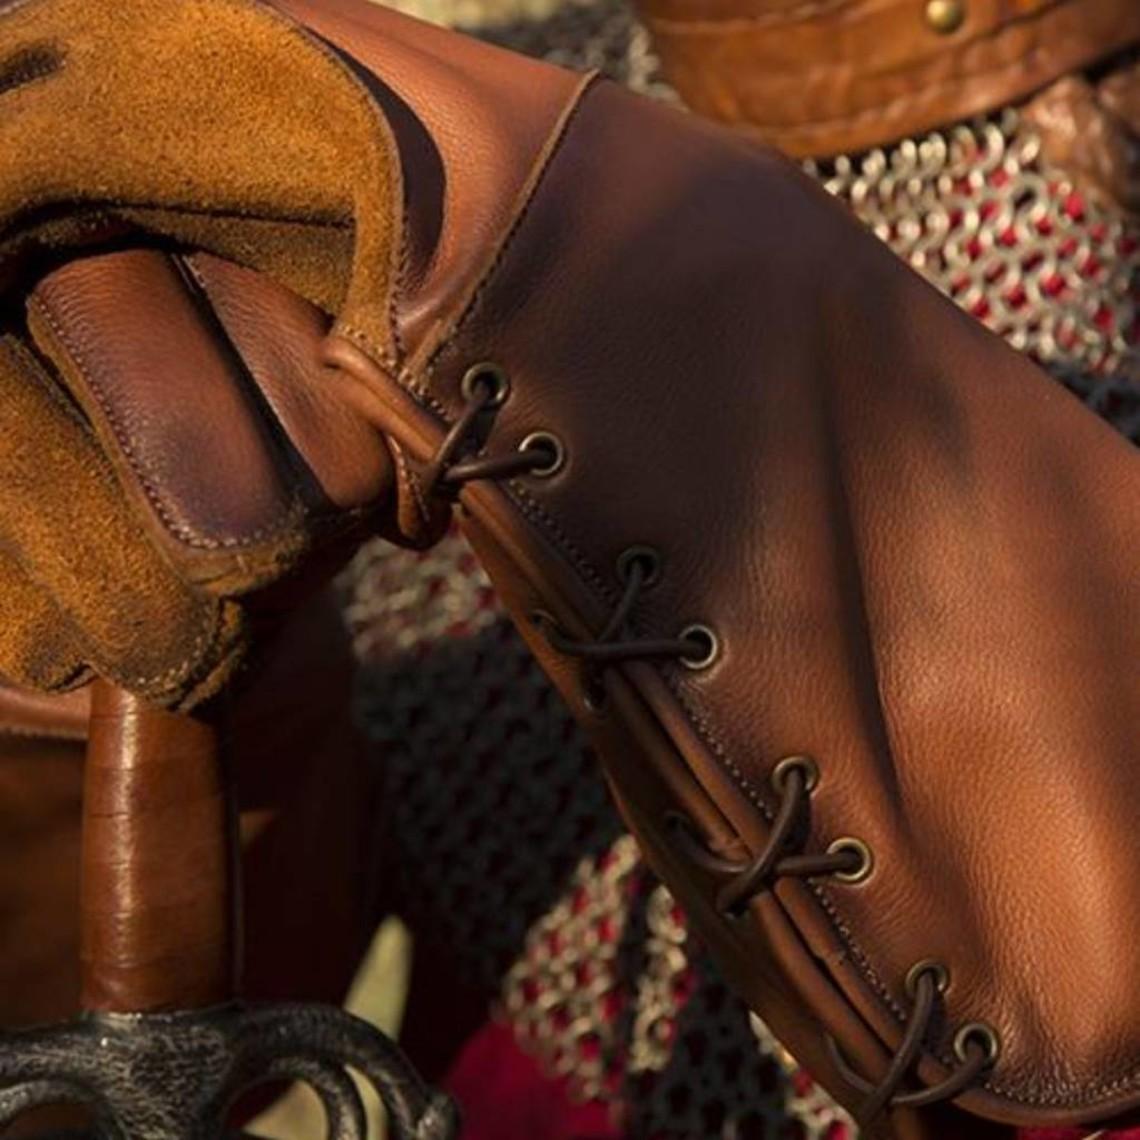 Epic Armoury Guantes medievales de cuero marrón.